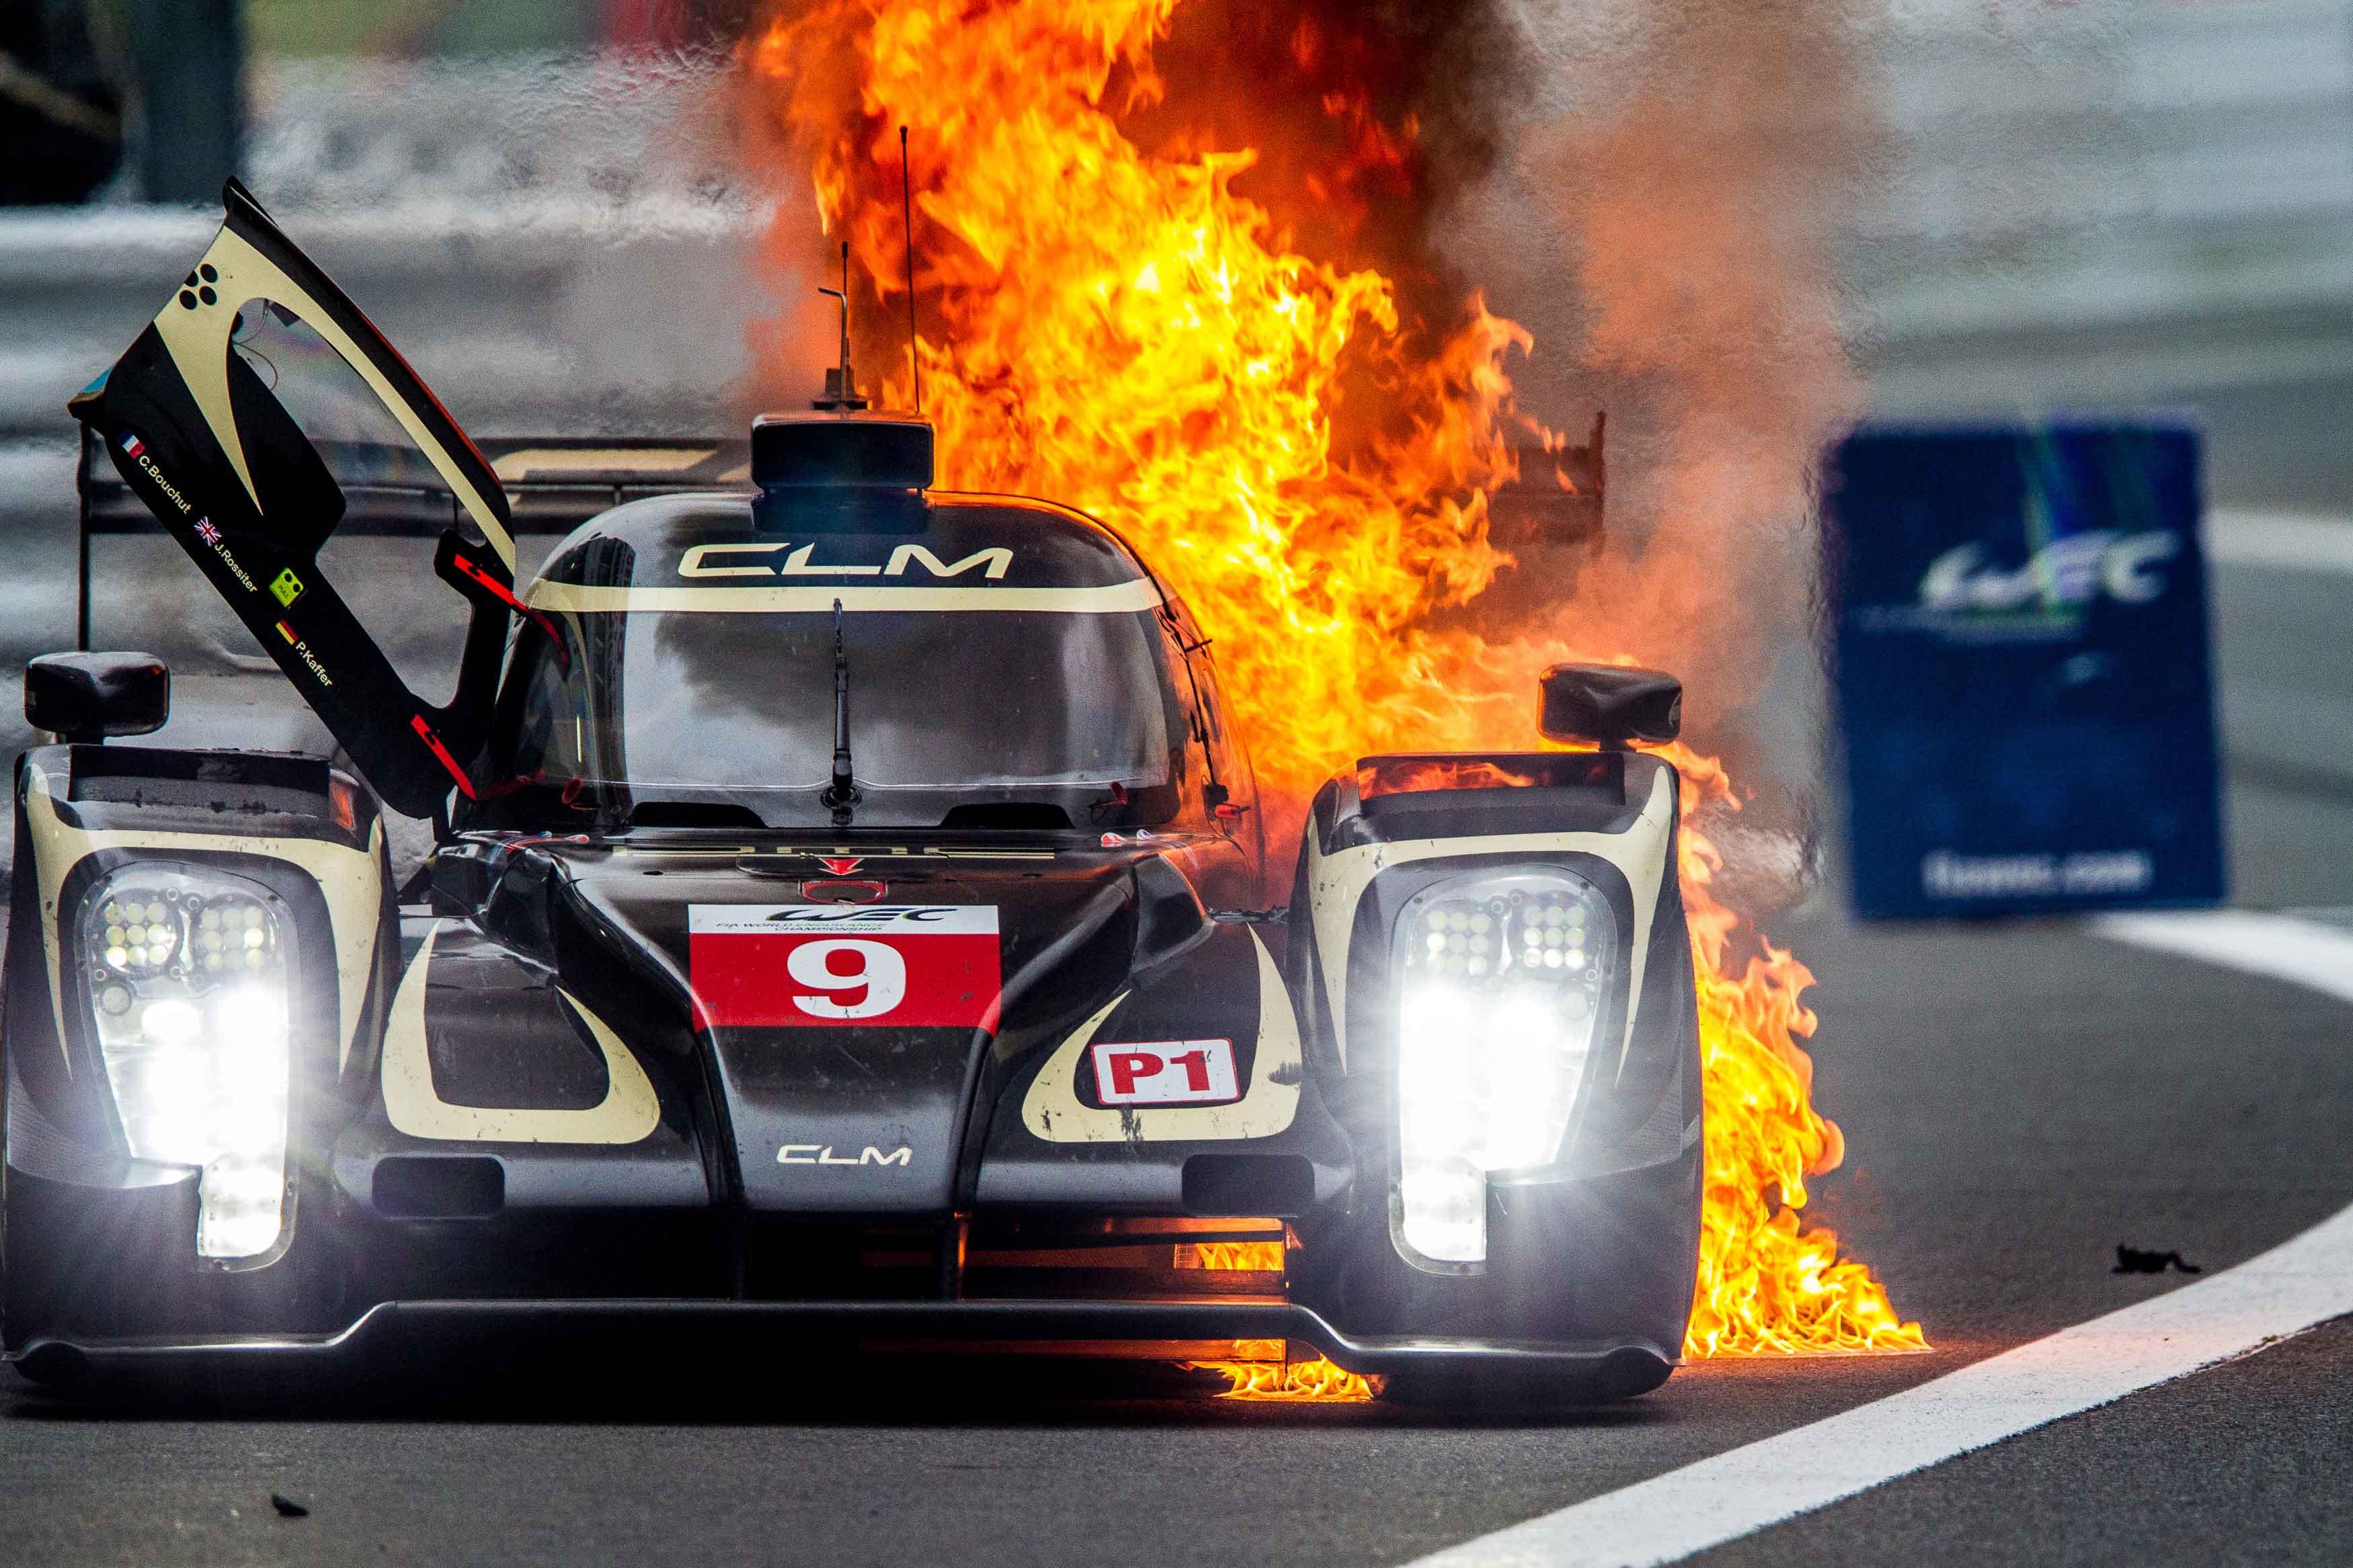 Toyota Take Dominant 1 2 In Lmp1 Ligier Win In Lmp2 Fia